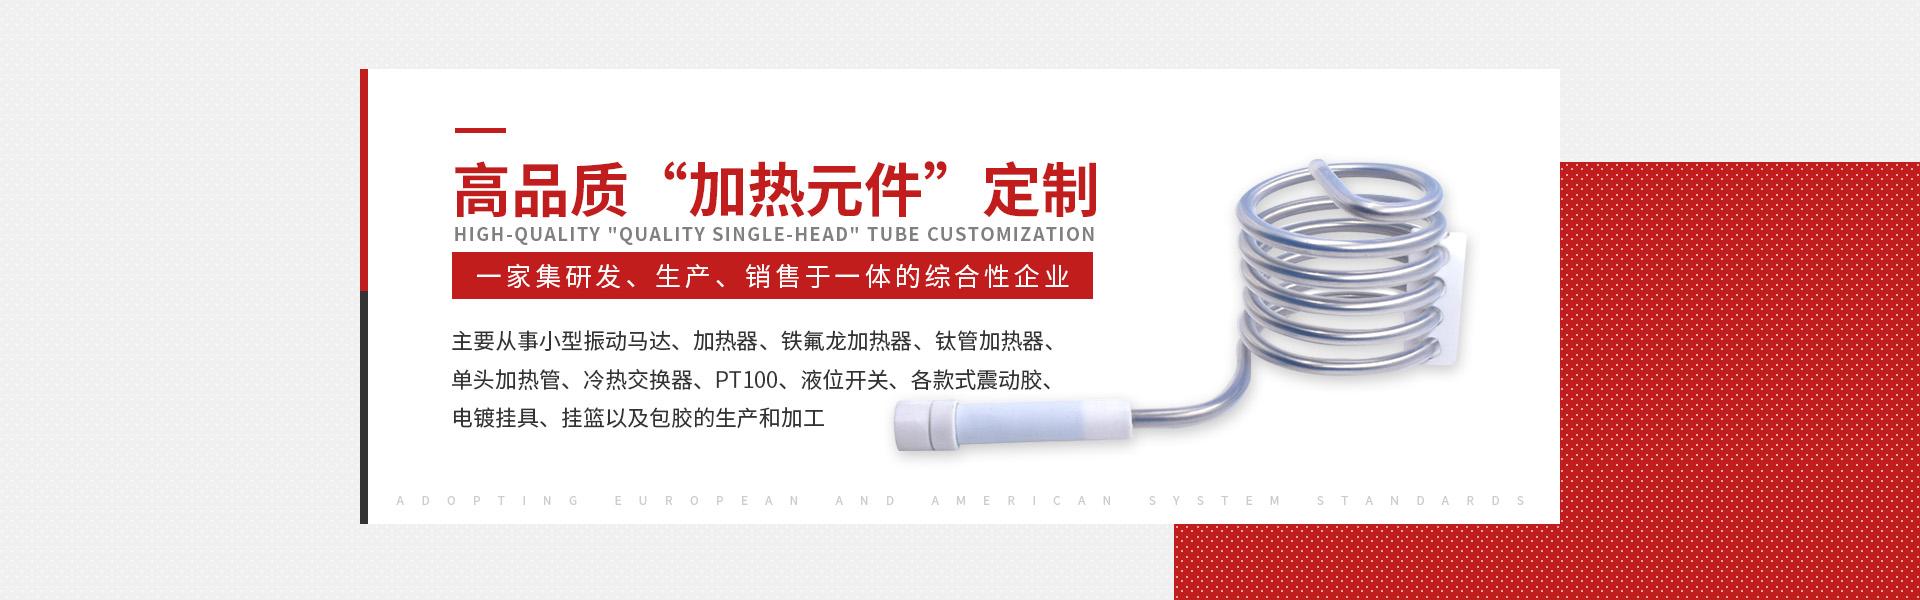 单头管,铁氟龙换热器,ptc电加热器